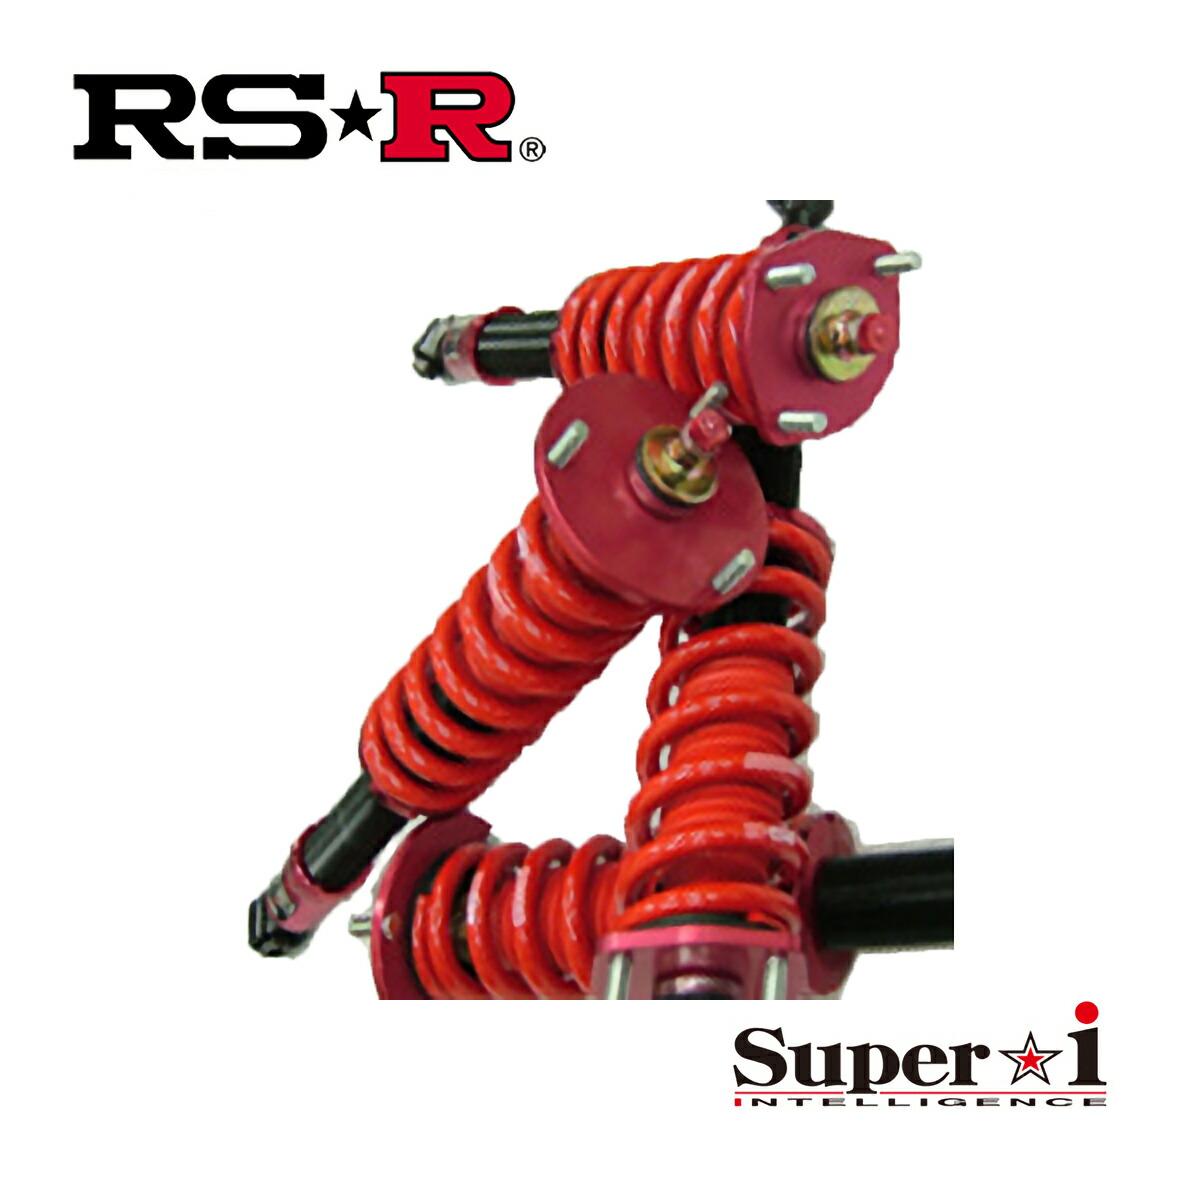 RS-R クラウンハイブリッド GWS204 ハイブリッド 車高調 リア車高調整:全長式 SIT256M スーパーi RSR 個人宅発送追金有